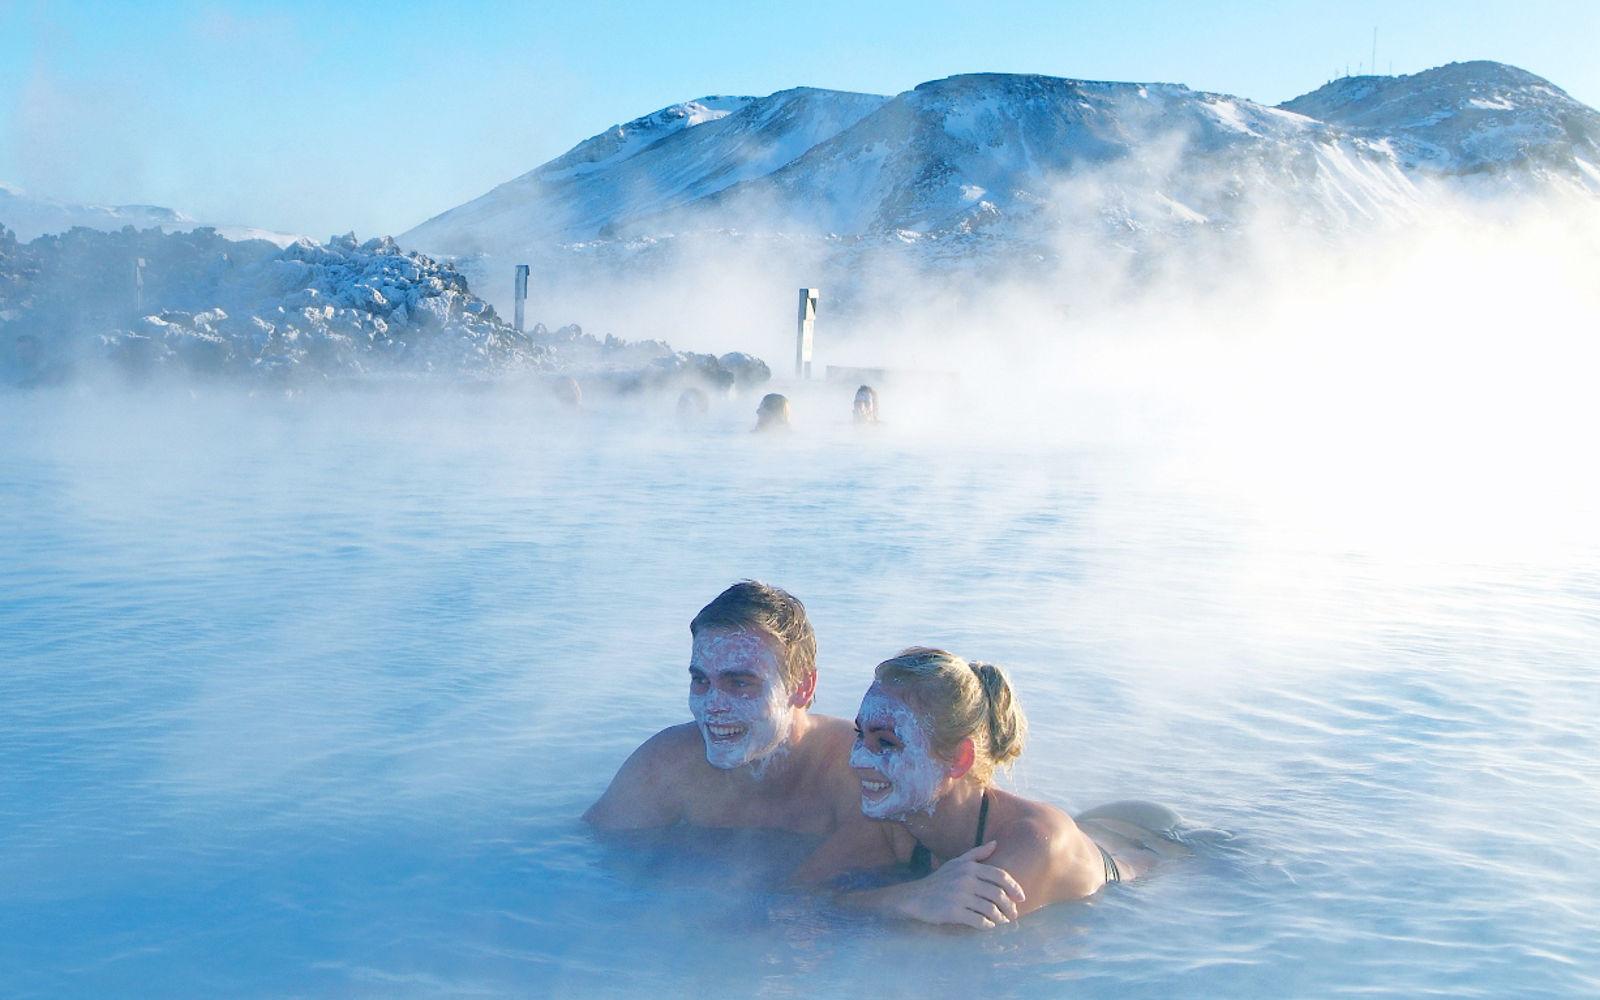 Mi experiencia de viaje en Islandia. Descubriendo auroras boreales